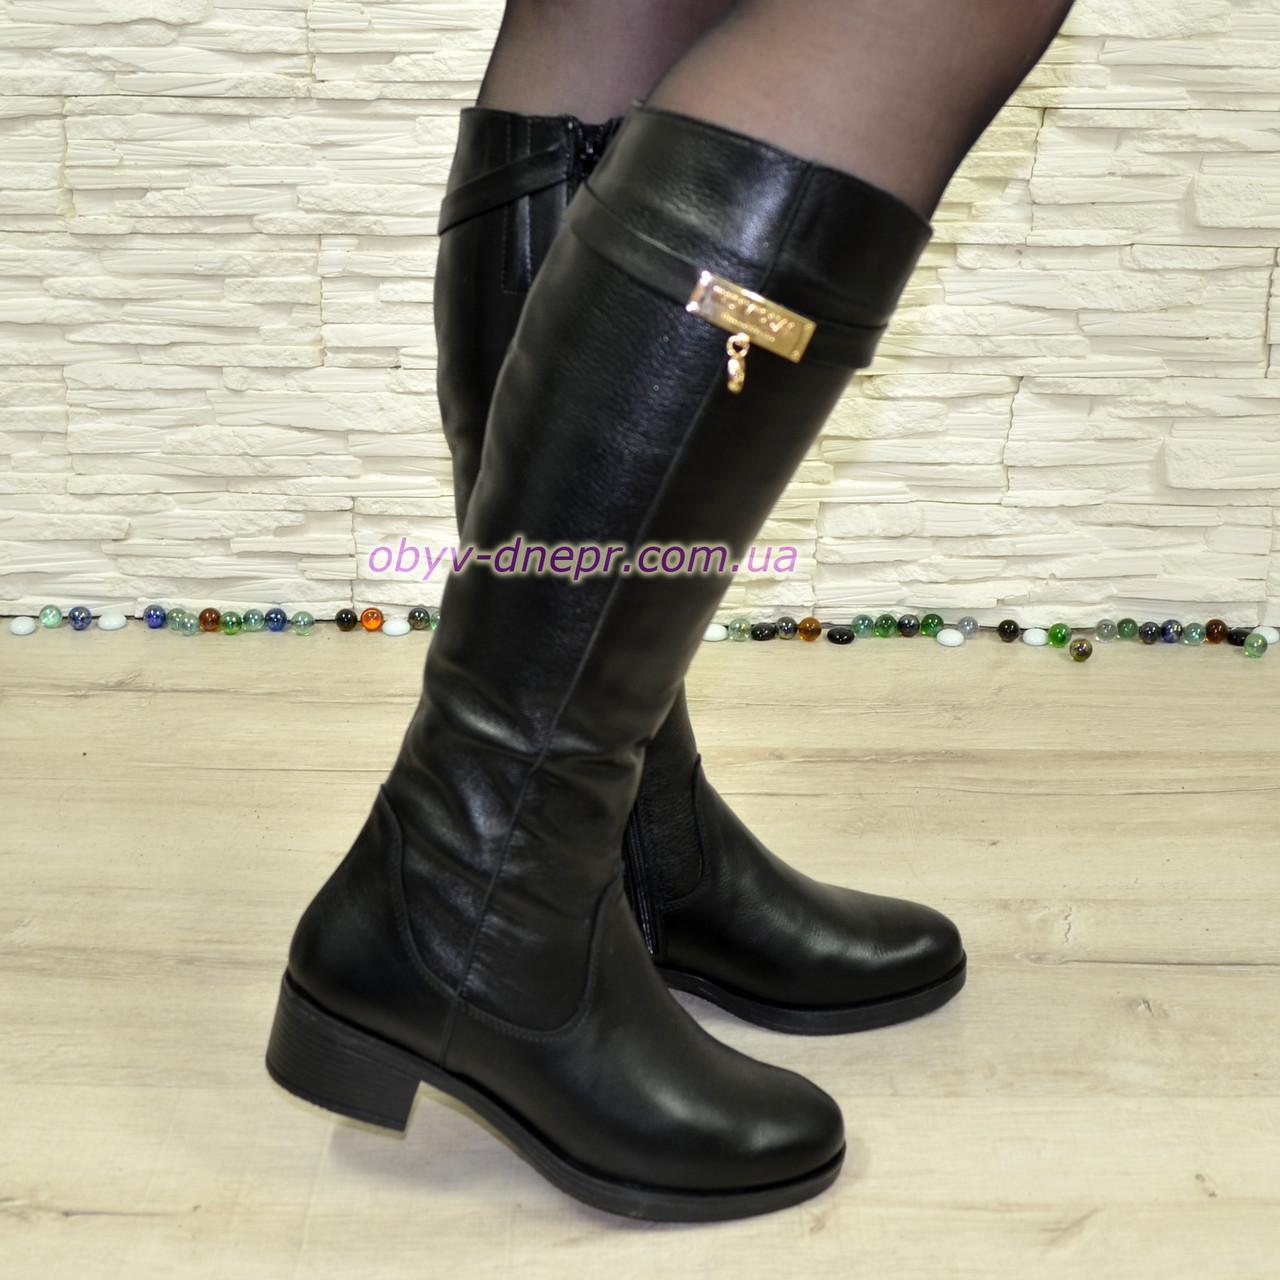 Сапоги женские   на невысоком каблуке, натуральная кожа флотар.